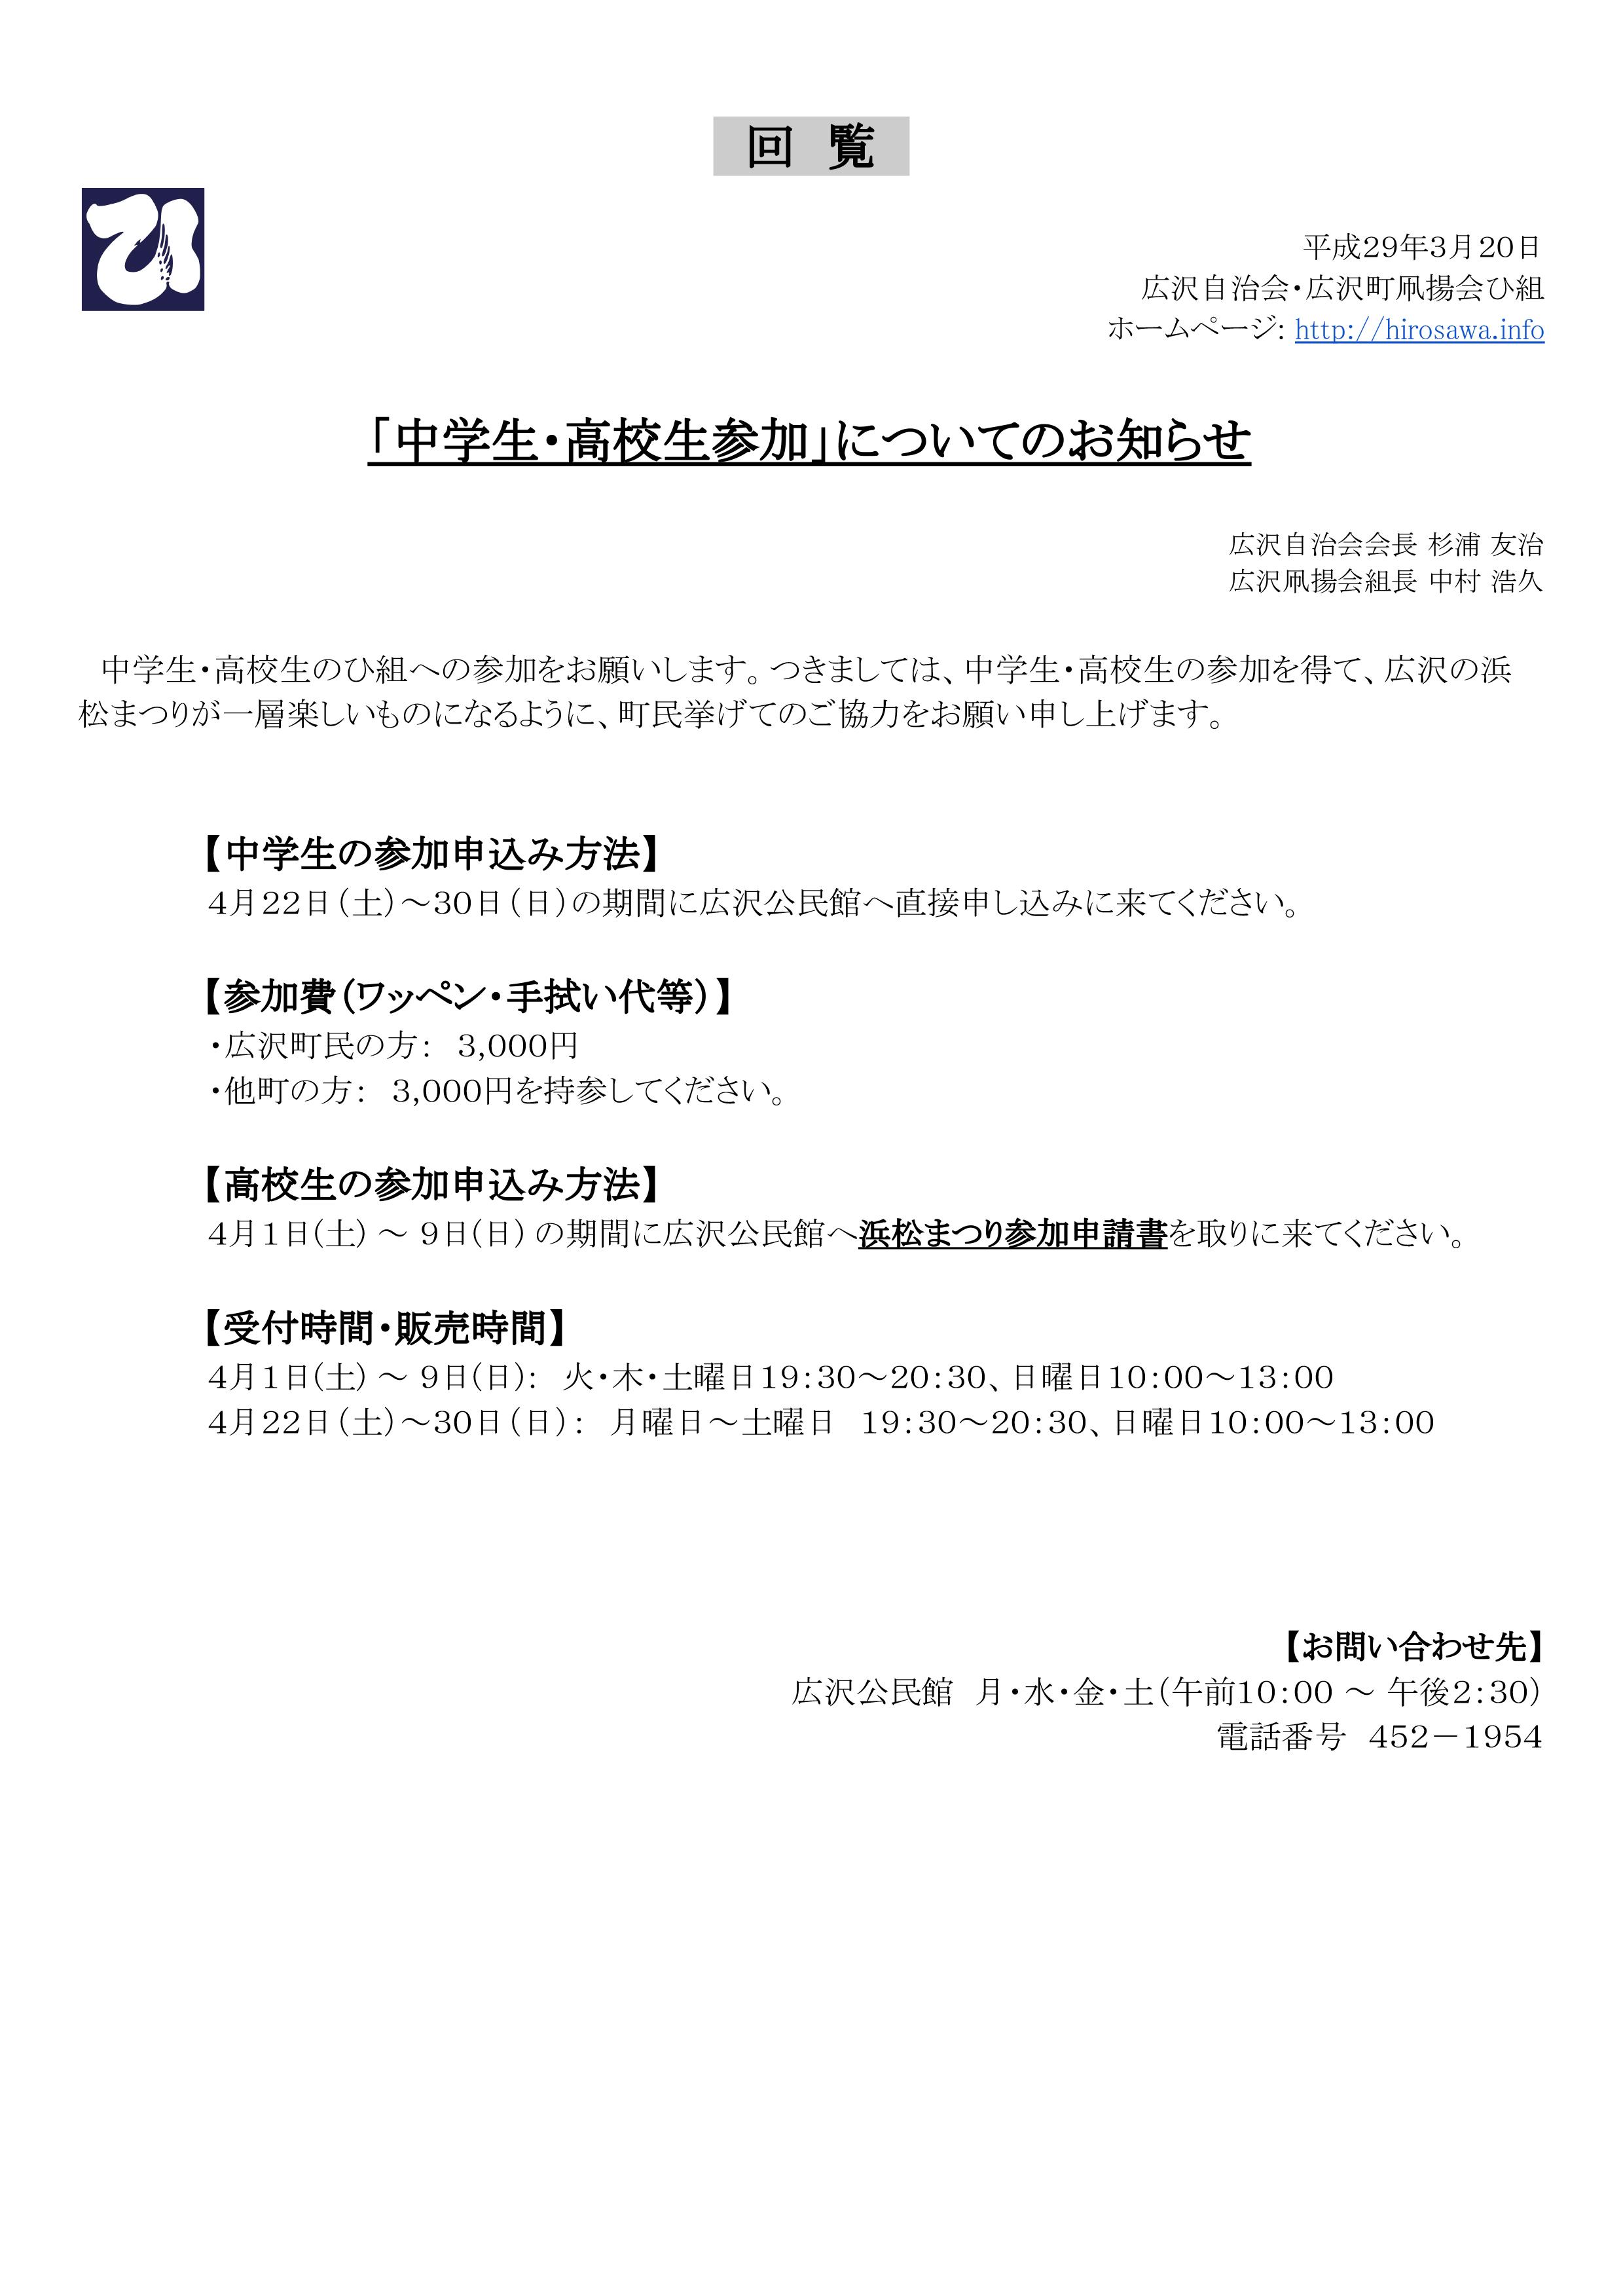 【回覧】平成29年3月20日「中学生・高校生参加」についてのお知らせ